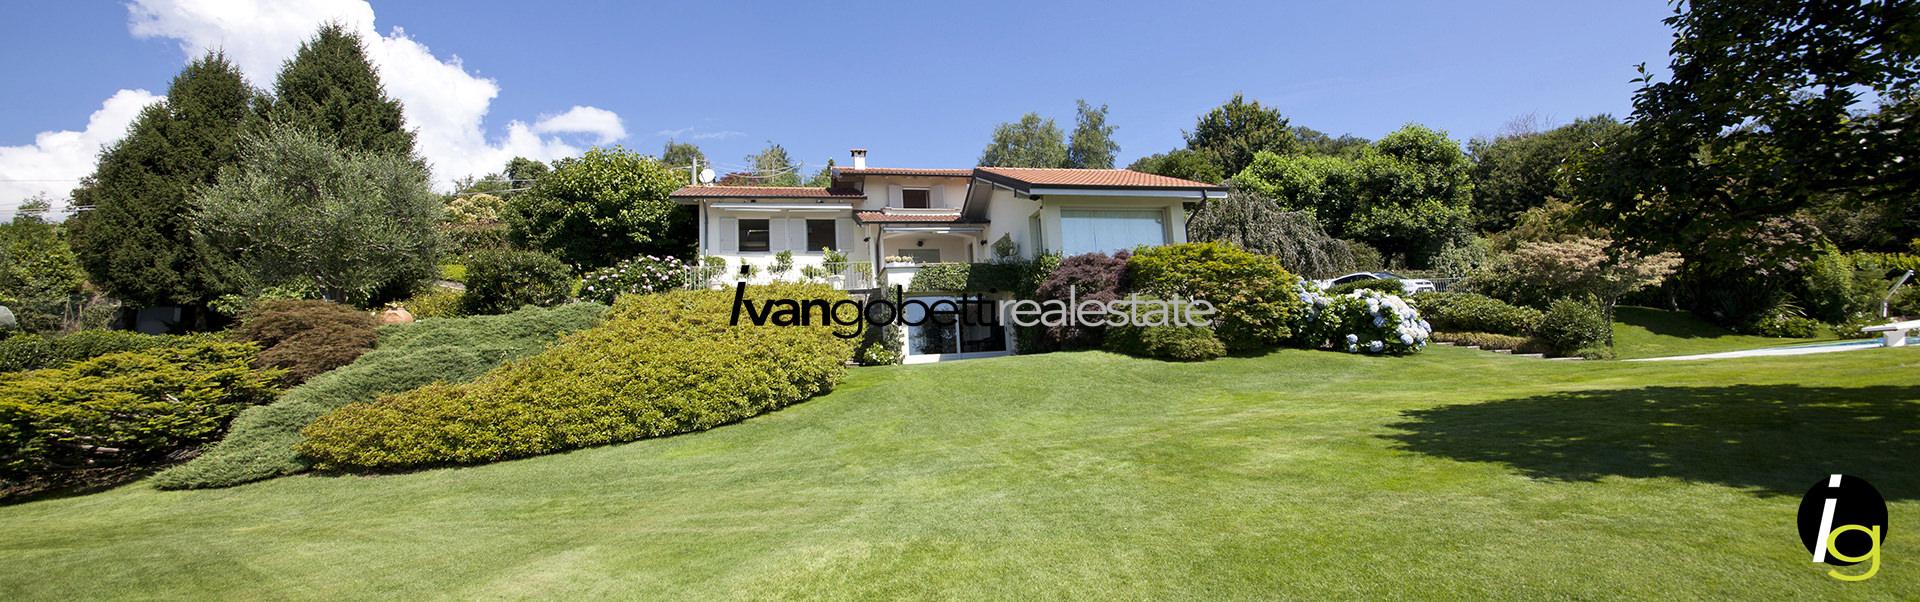 Villa moderna con bellissima piscina e parco di 8000 mq